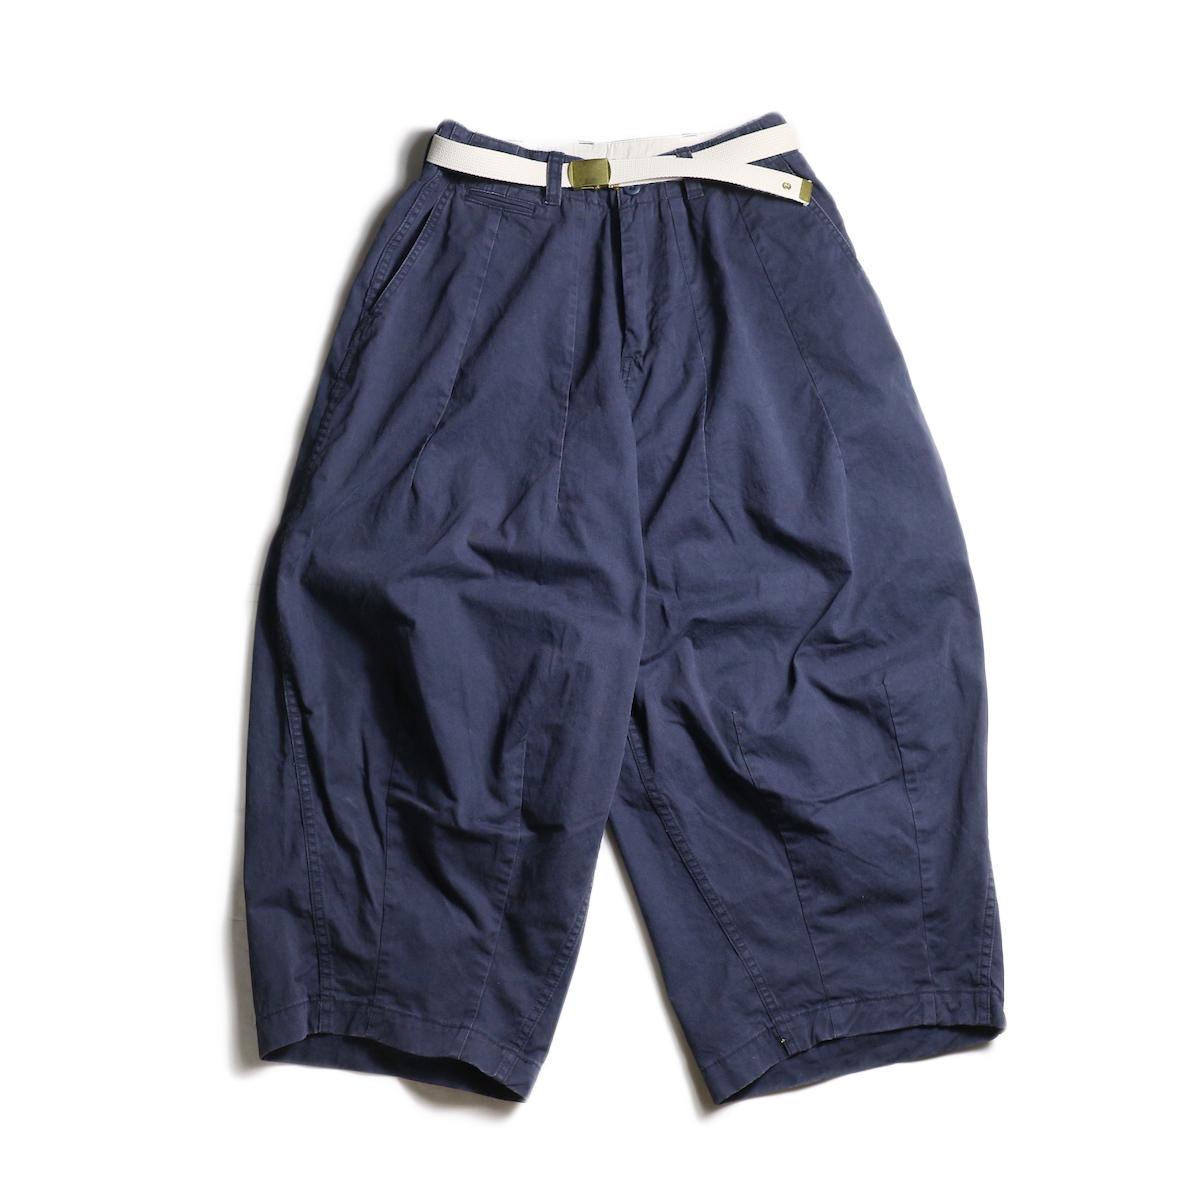 MASTER&Co. / Chino Farmars Pants (Navy)